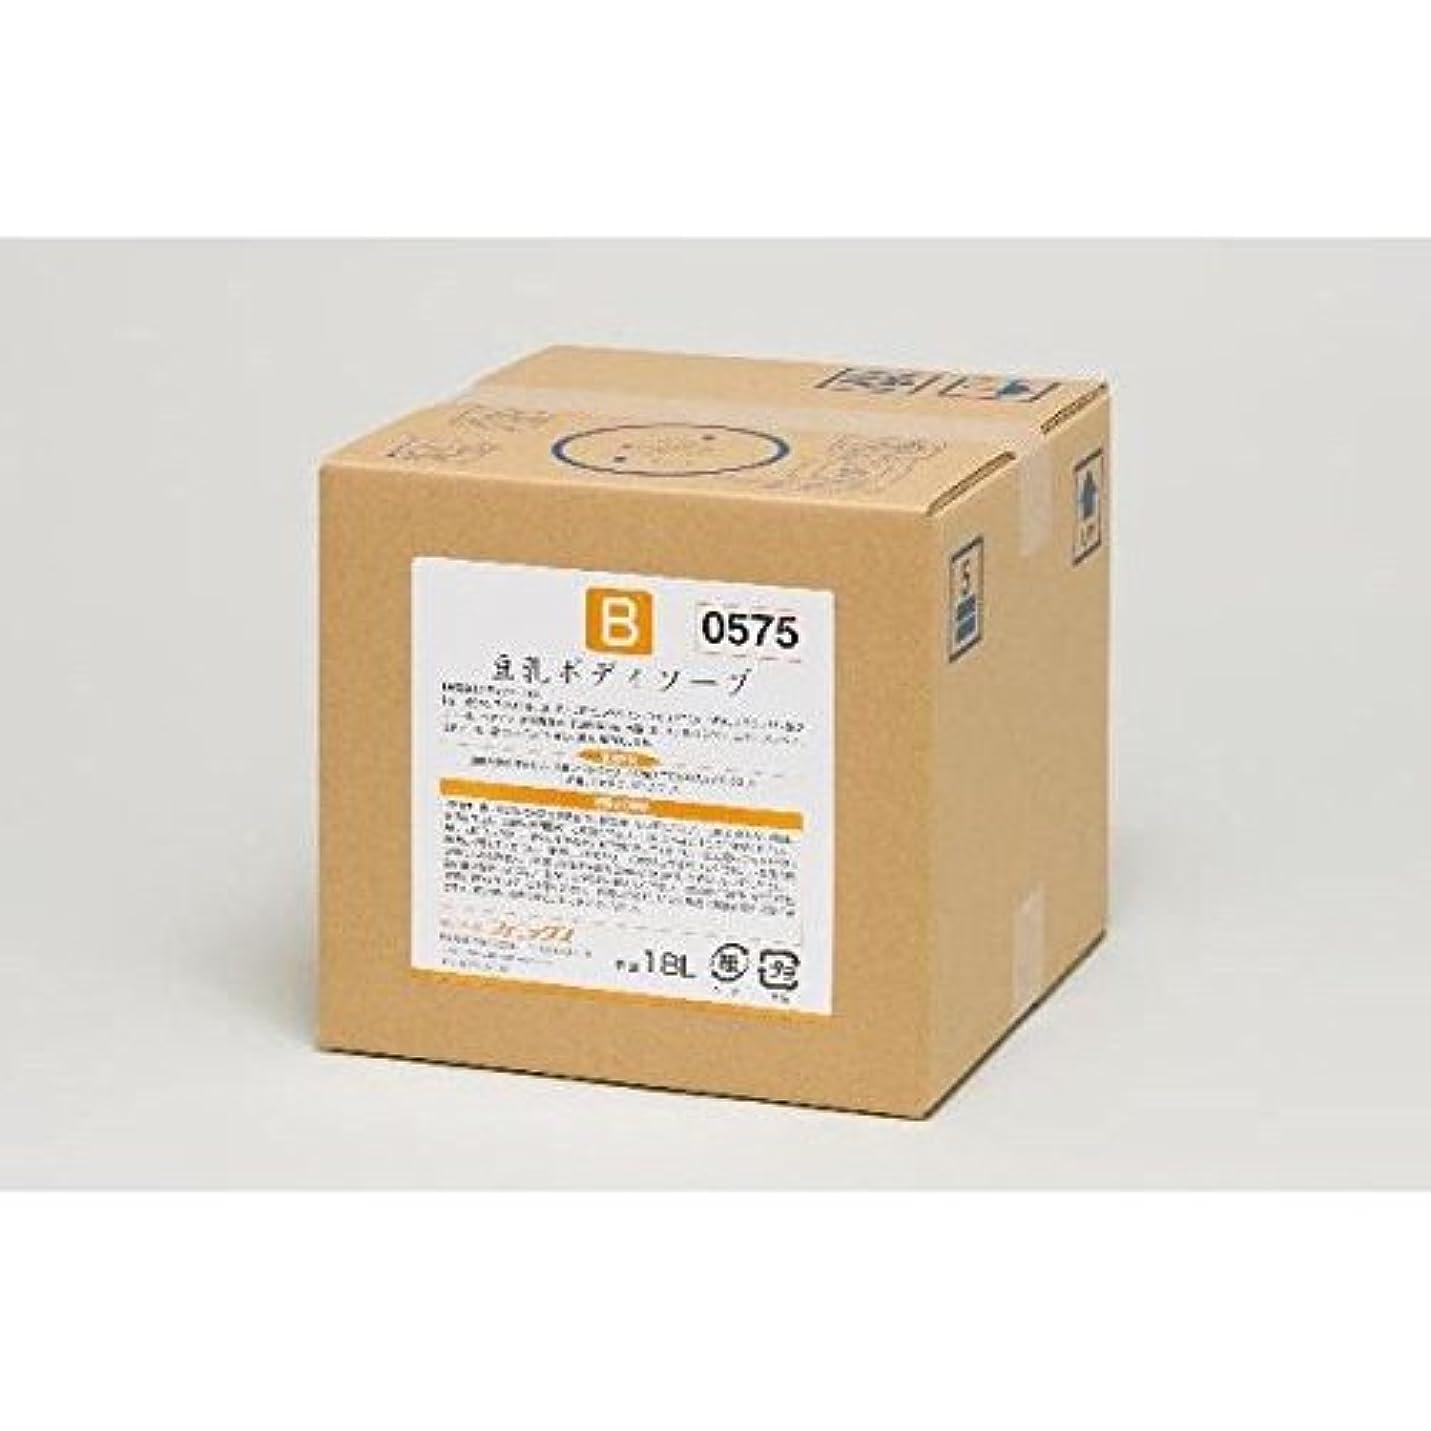 避けられない寂しいライオネルグリーンストリート豆乳ボディソープ / 00090575 18L 1缶